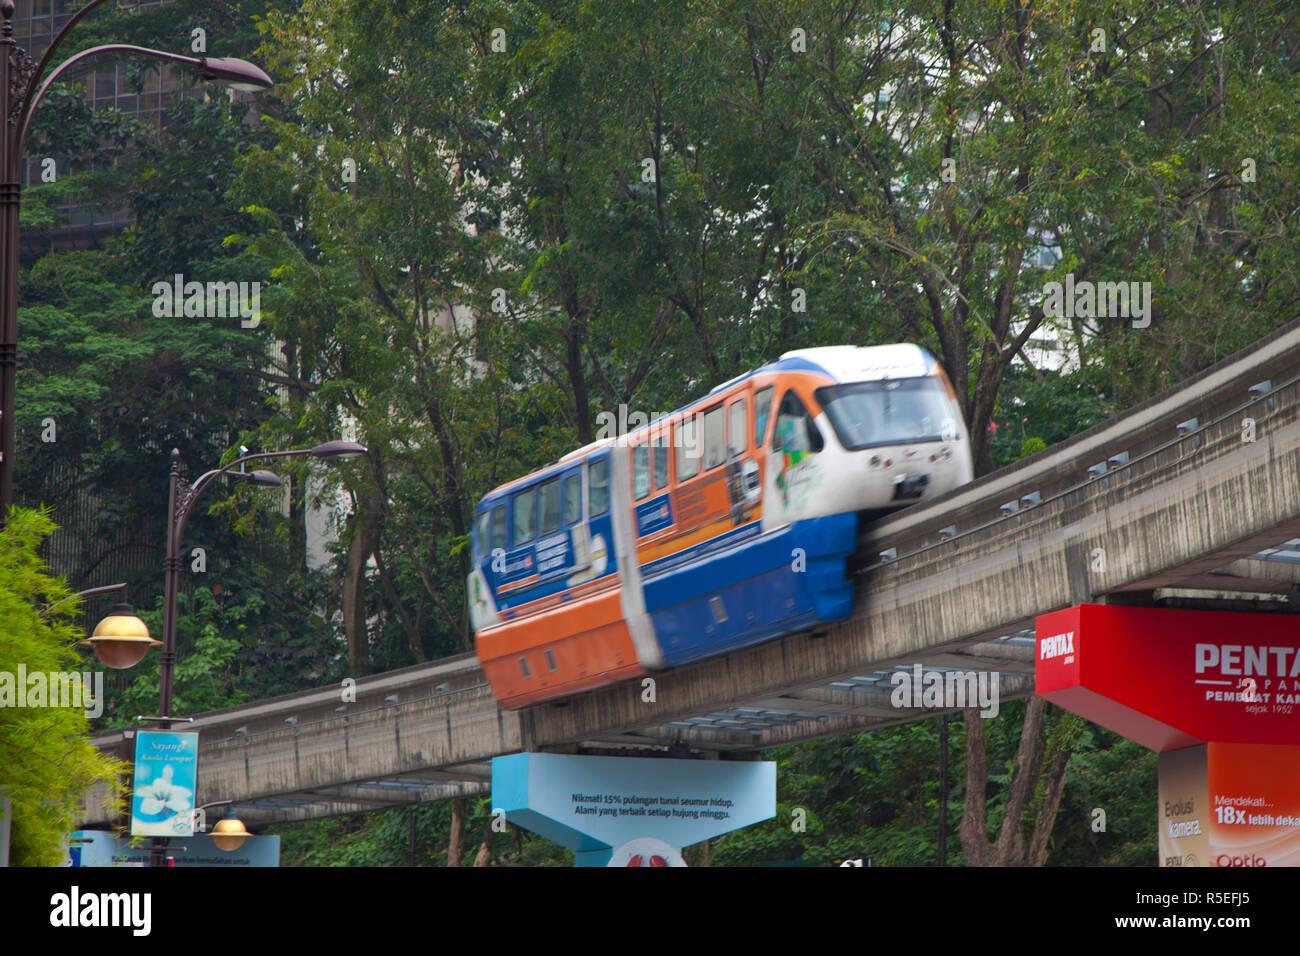 KL Monorail, Kuala Lumpur, Malaysia - Stock Image